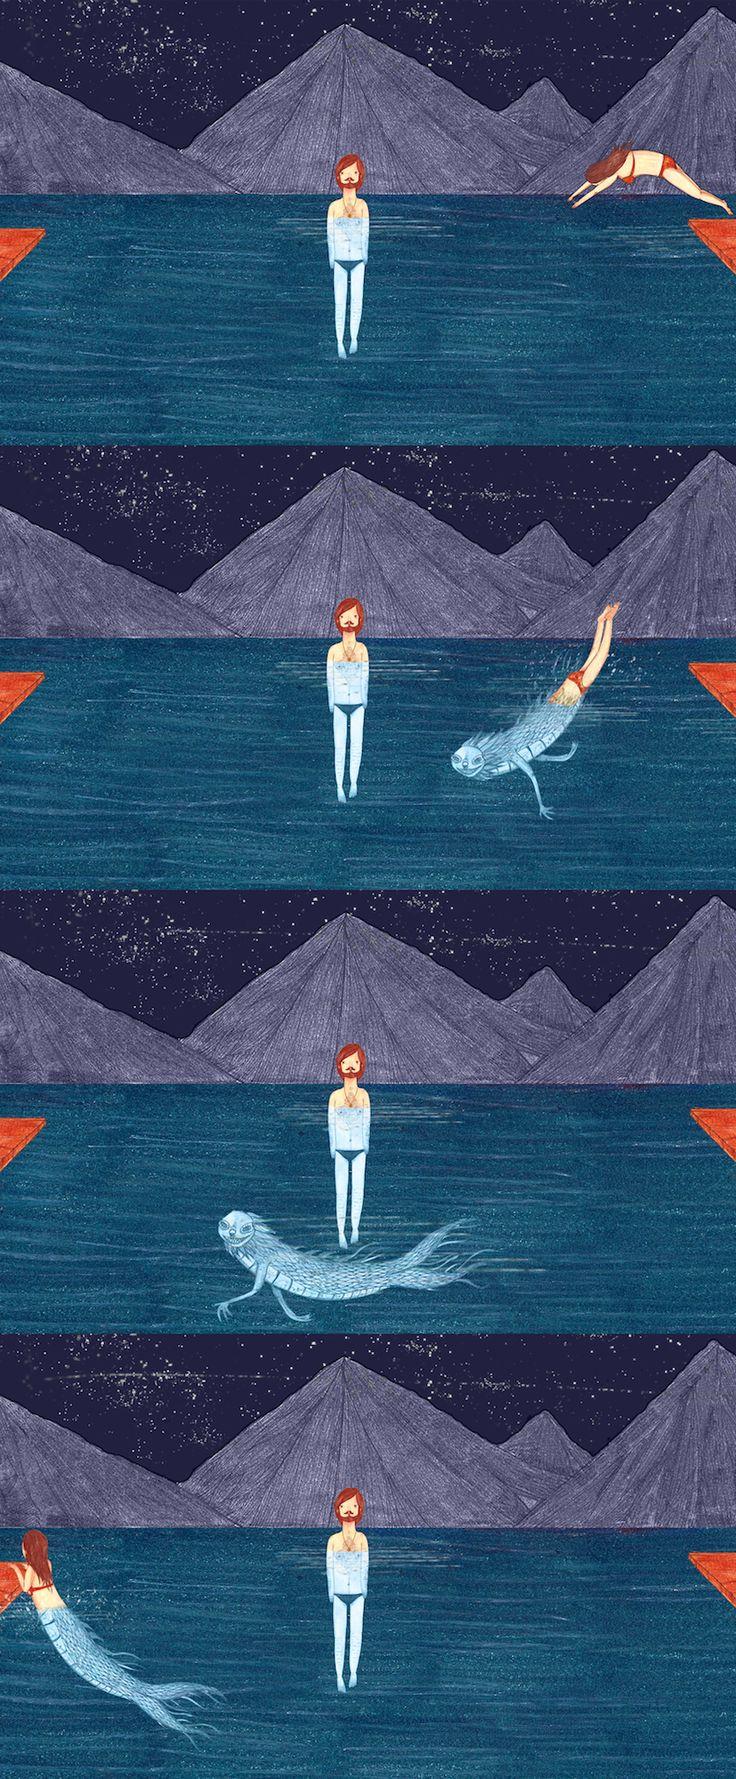 David Litchfield - Freak Underwater